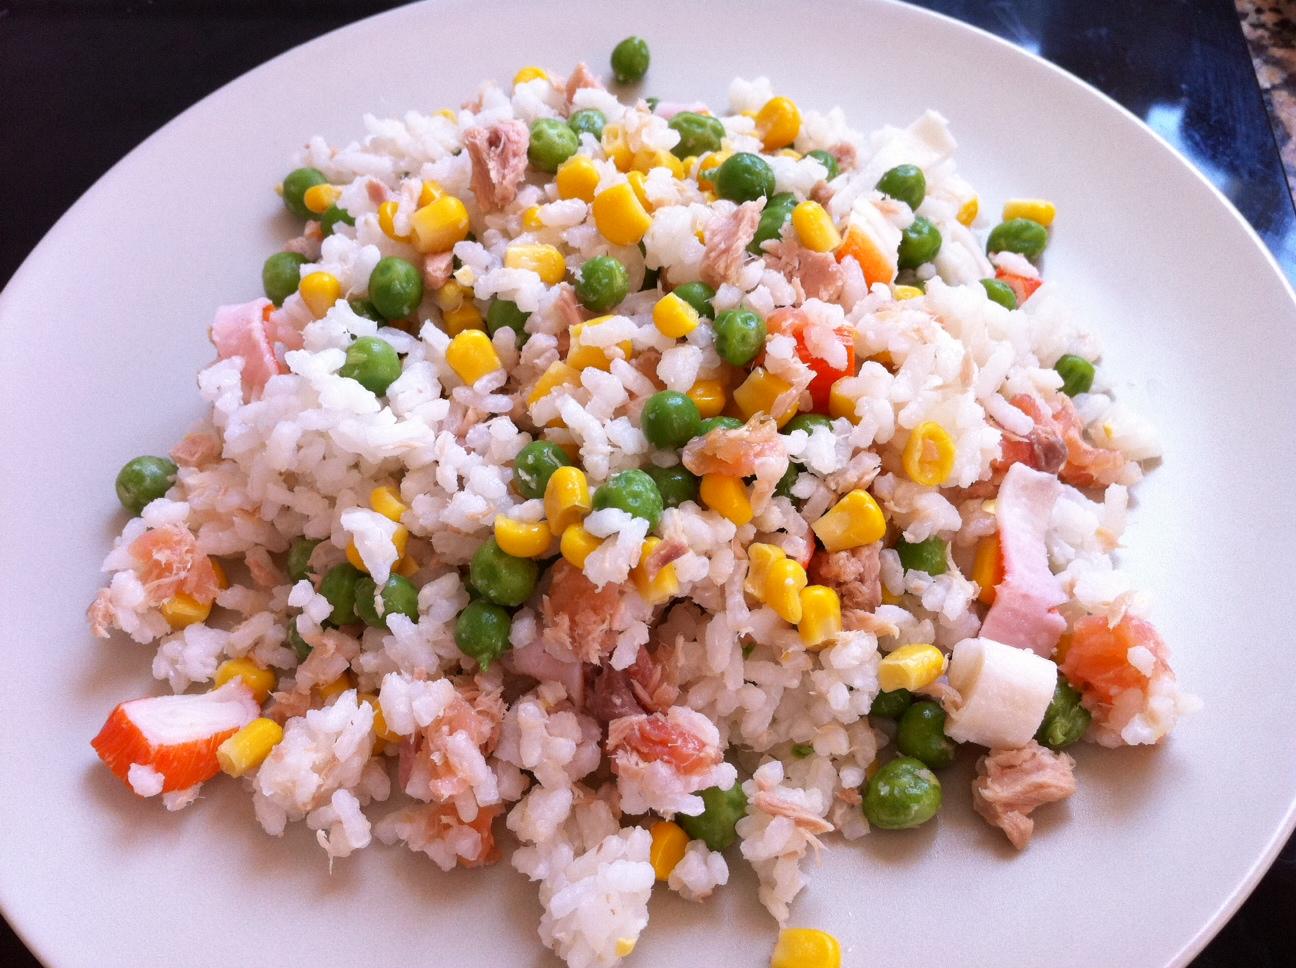 Receta de ensalada de arroz con gambas - Ensalada de arroz con atun ...